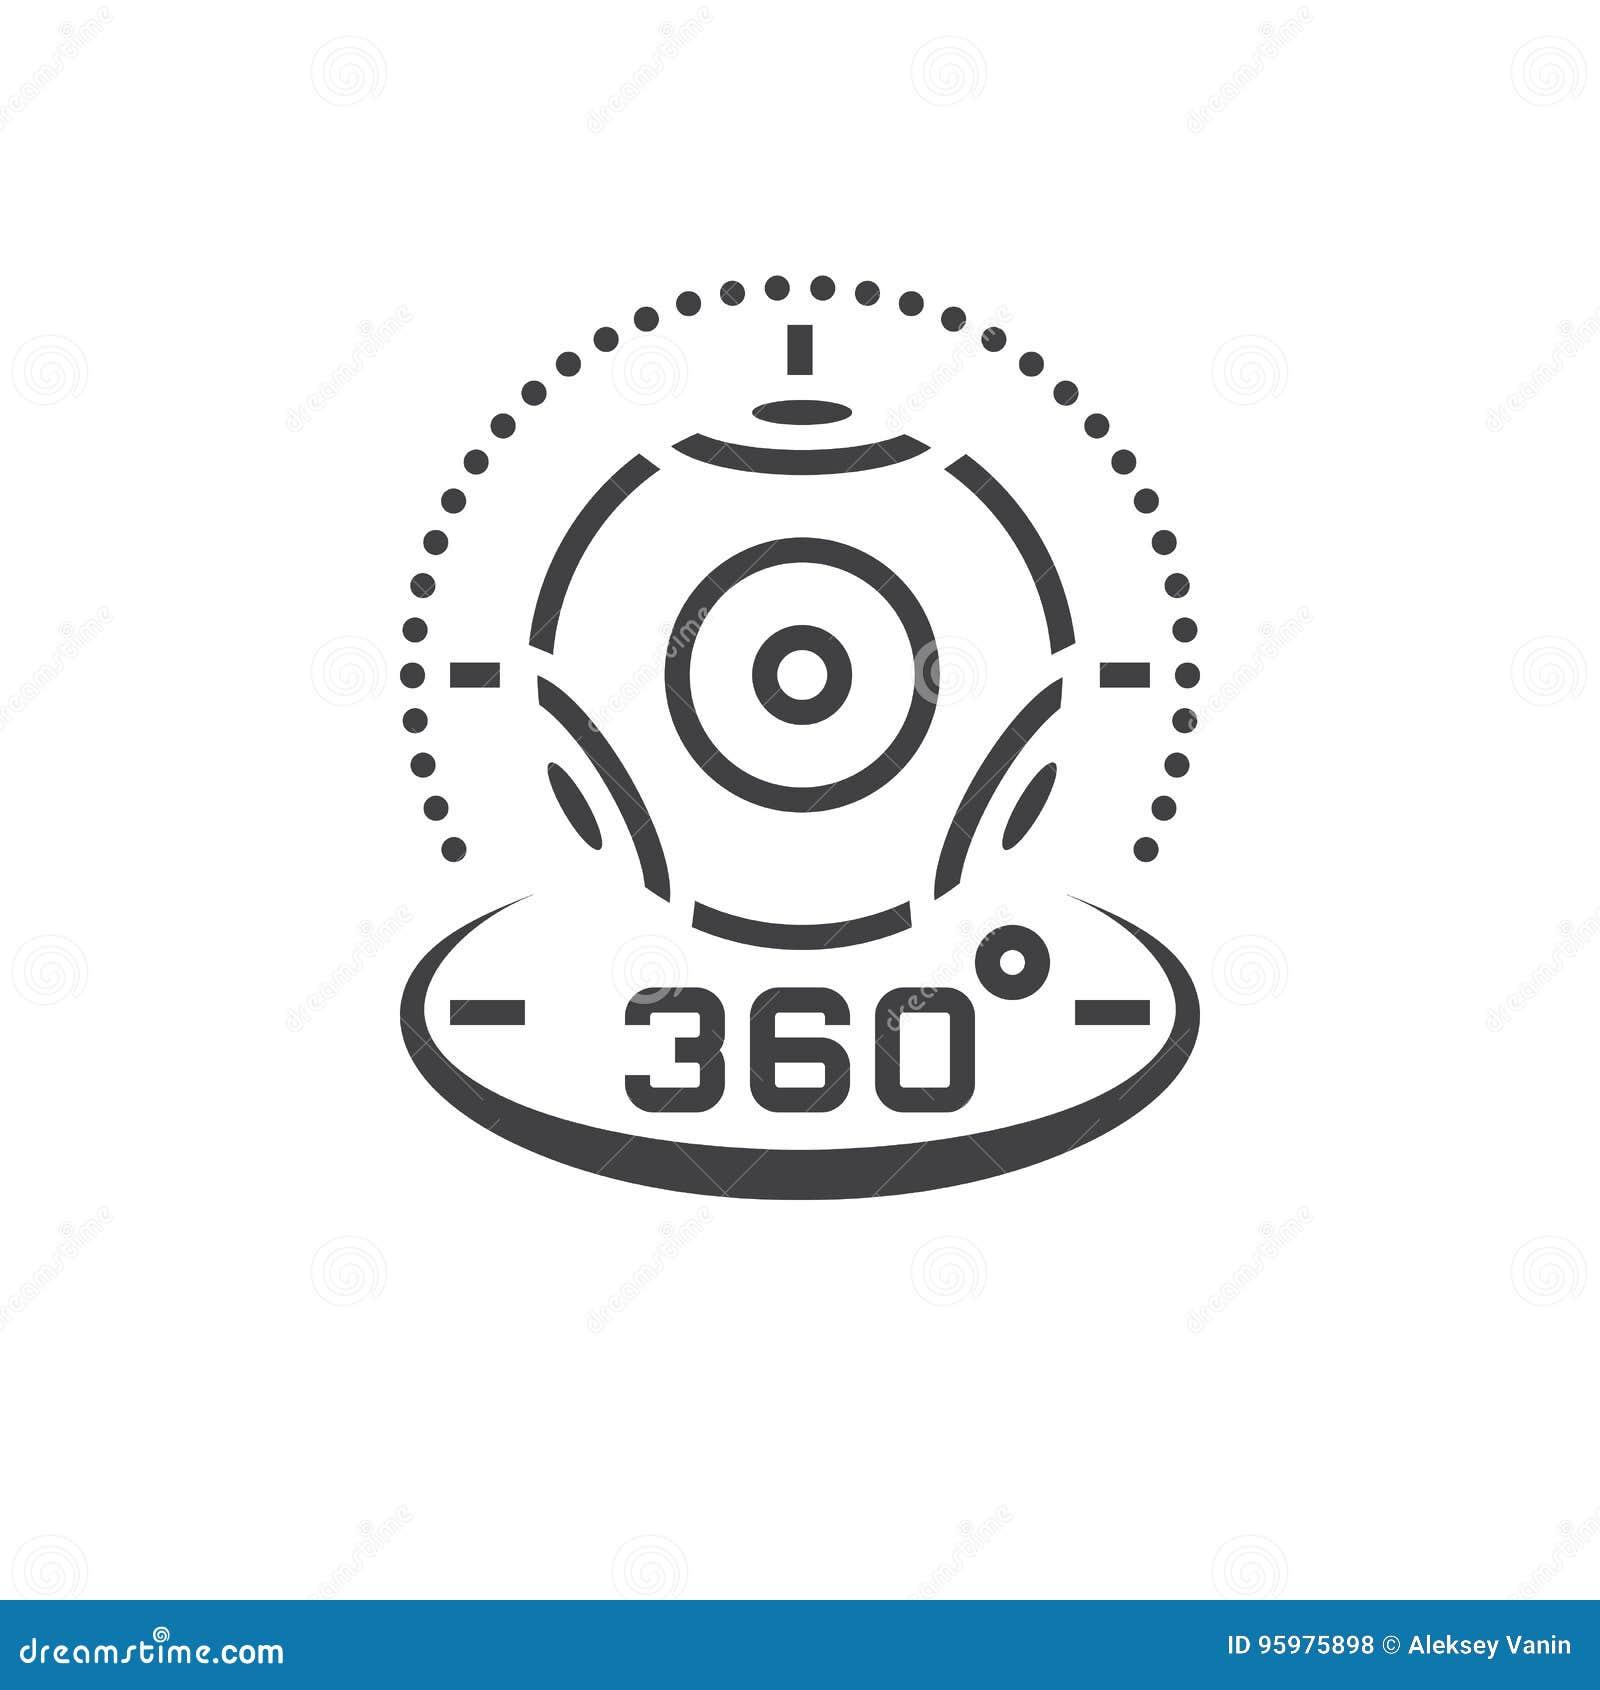 Ligne panoramique icône, réalisateur de caméra vidéo de 360 degrés de réalité virtuelle